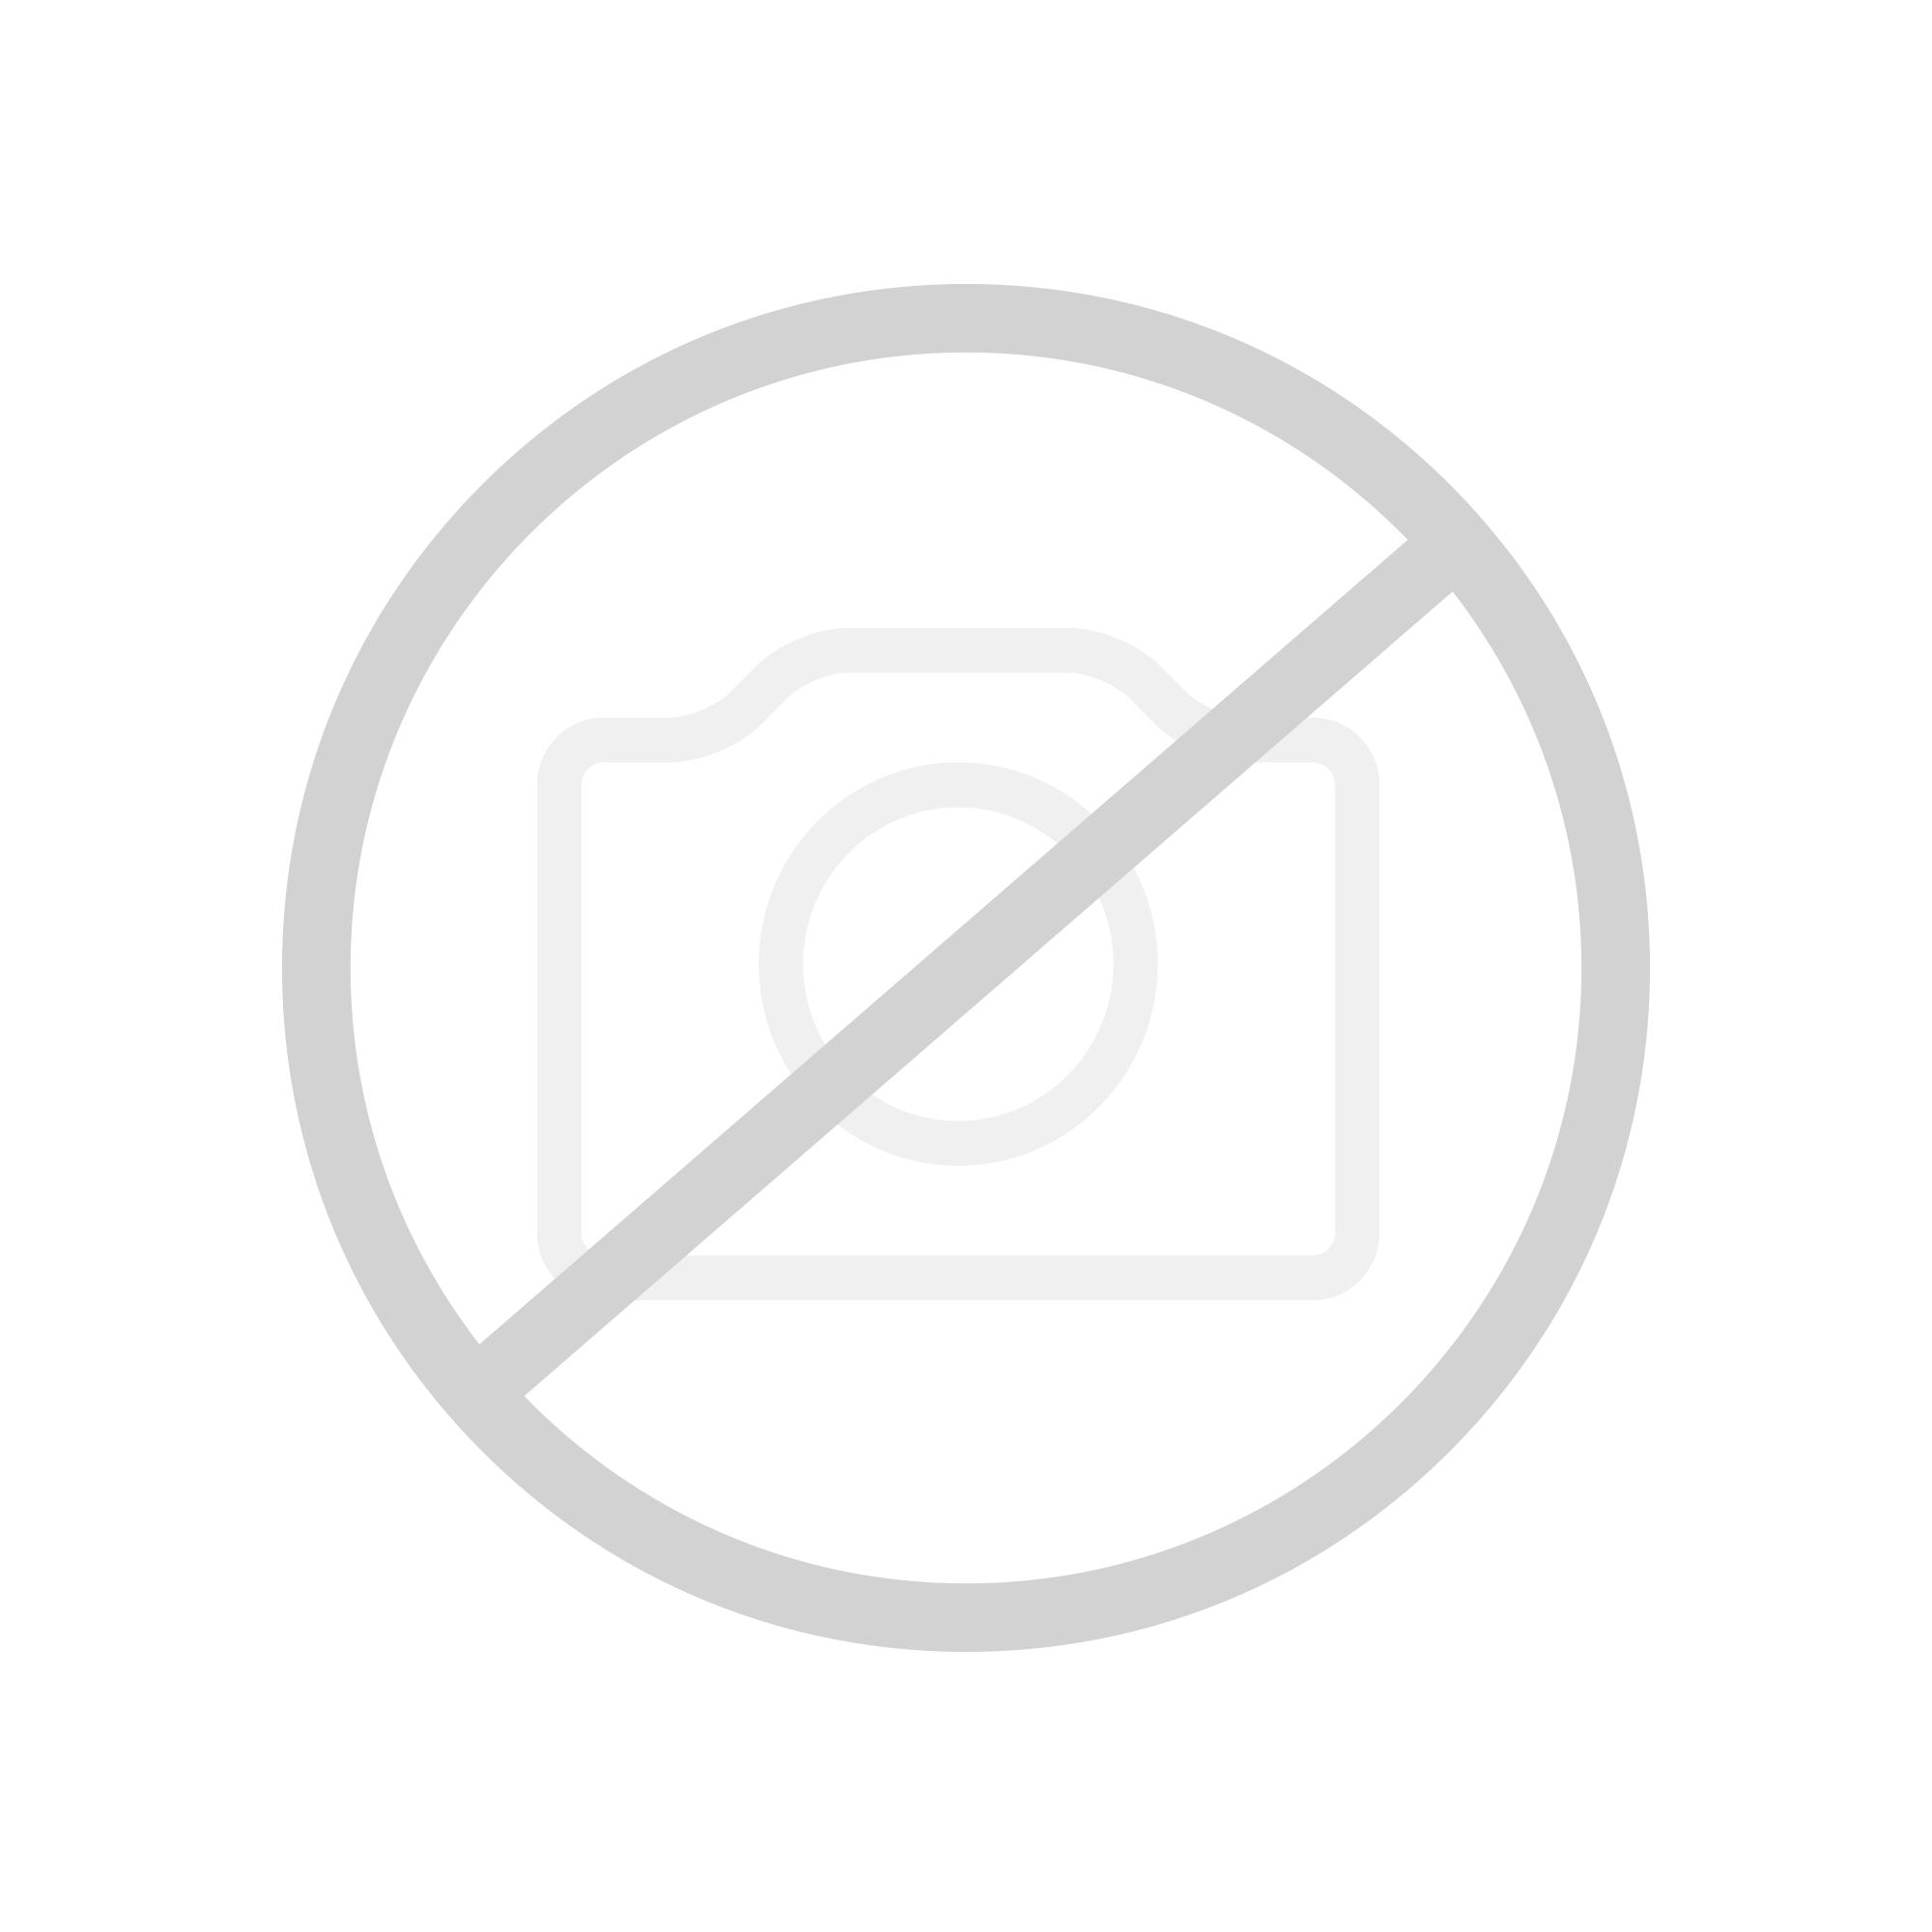 Geberit AquaClean 8000 Wand-Dusch-WC Komplettanlage mit Analdusche